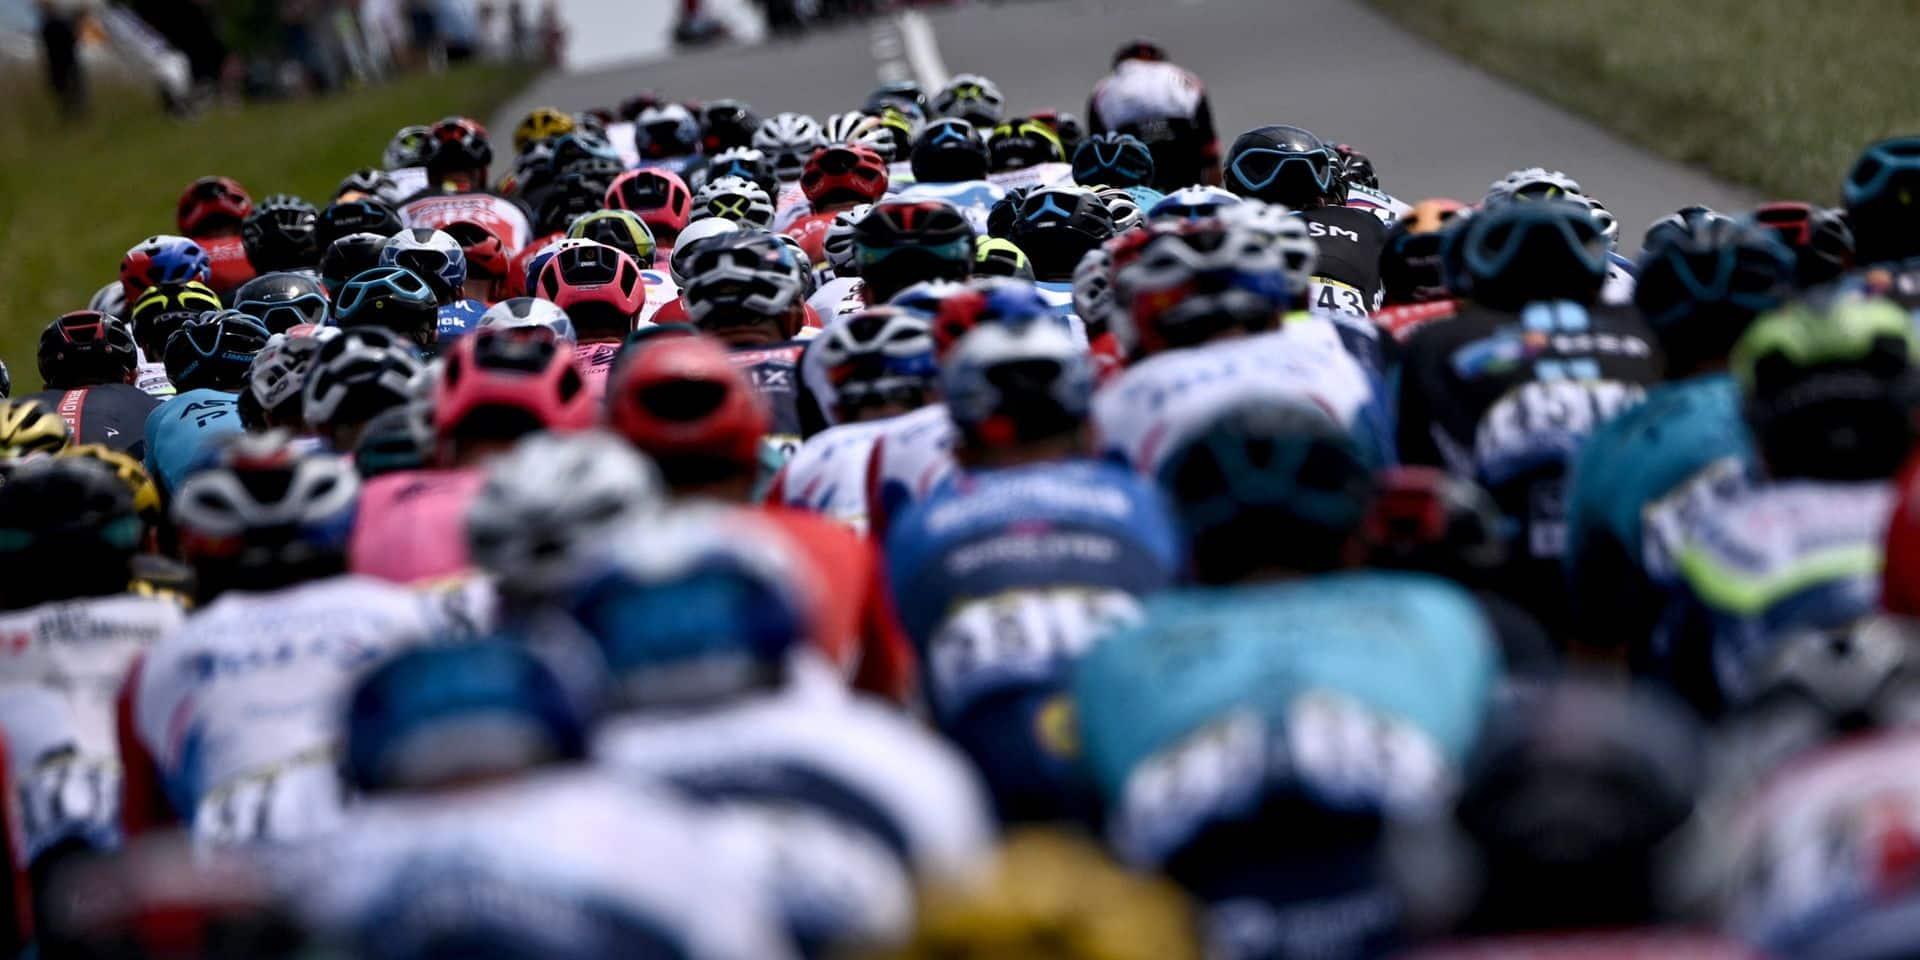 Qui a gagné le plus, qui a gagné le moins? Le bilan financier des équipes après une semaine de Tour de France